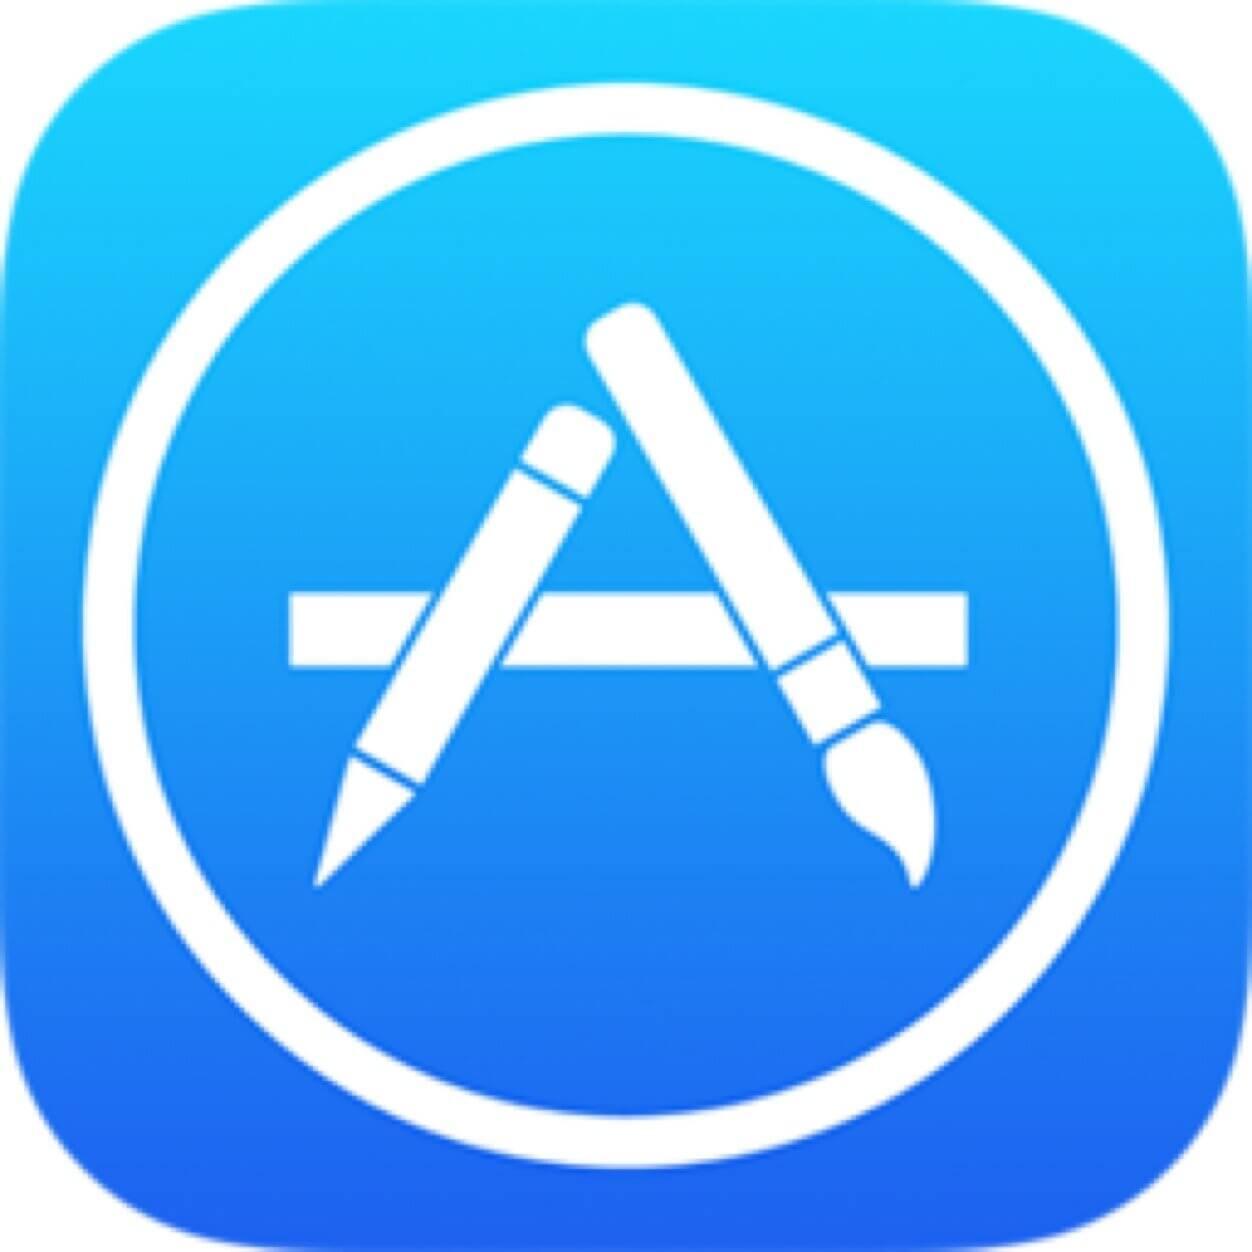 Ponad 250 aplikacji na iOS usuniętych z AppStore przez Apple wszystkie one zbierały dane osobowe użytkowników!